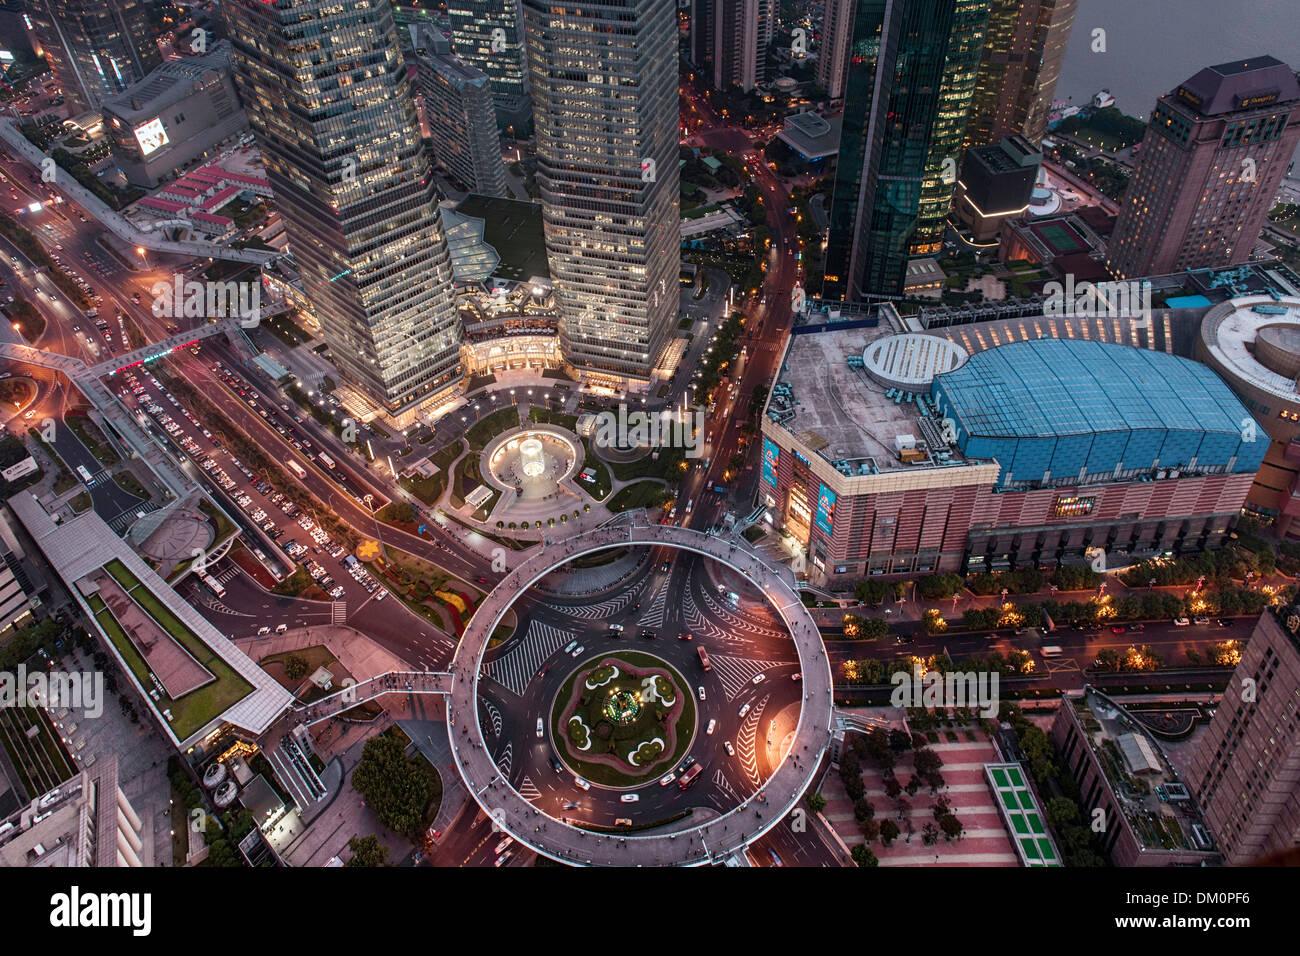 Stadtbild, Blick auf Jin Mao Tower, Shanghai World Financial Center, IFC, SWFC bei Nacht, Lujiazui, Pudong, Shanghai, China Stockbild